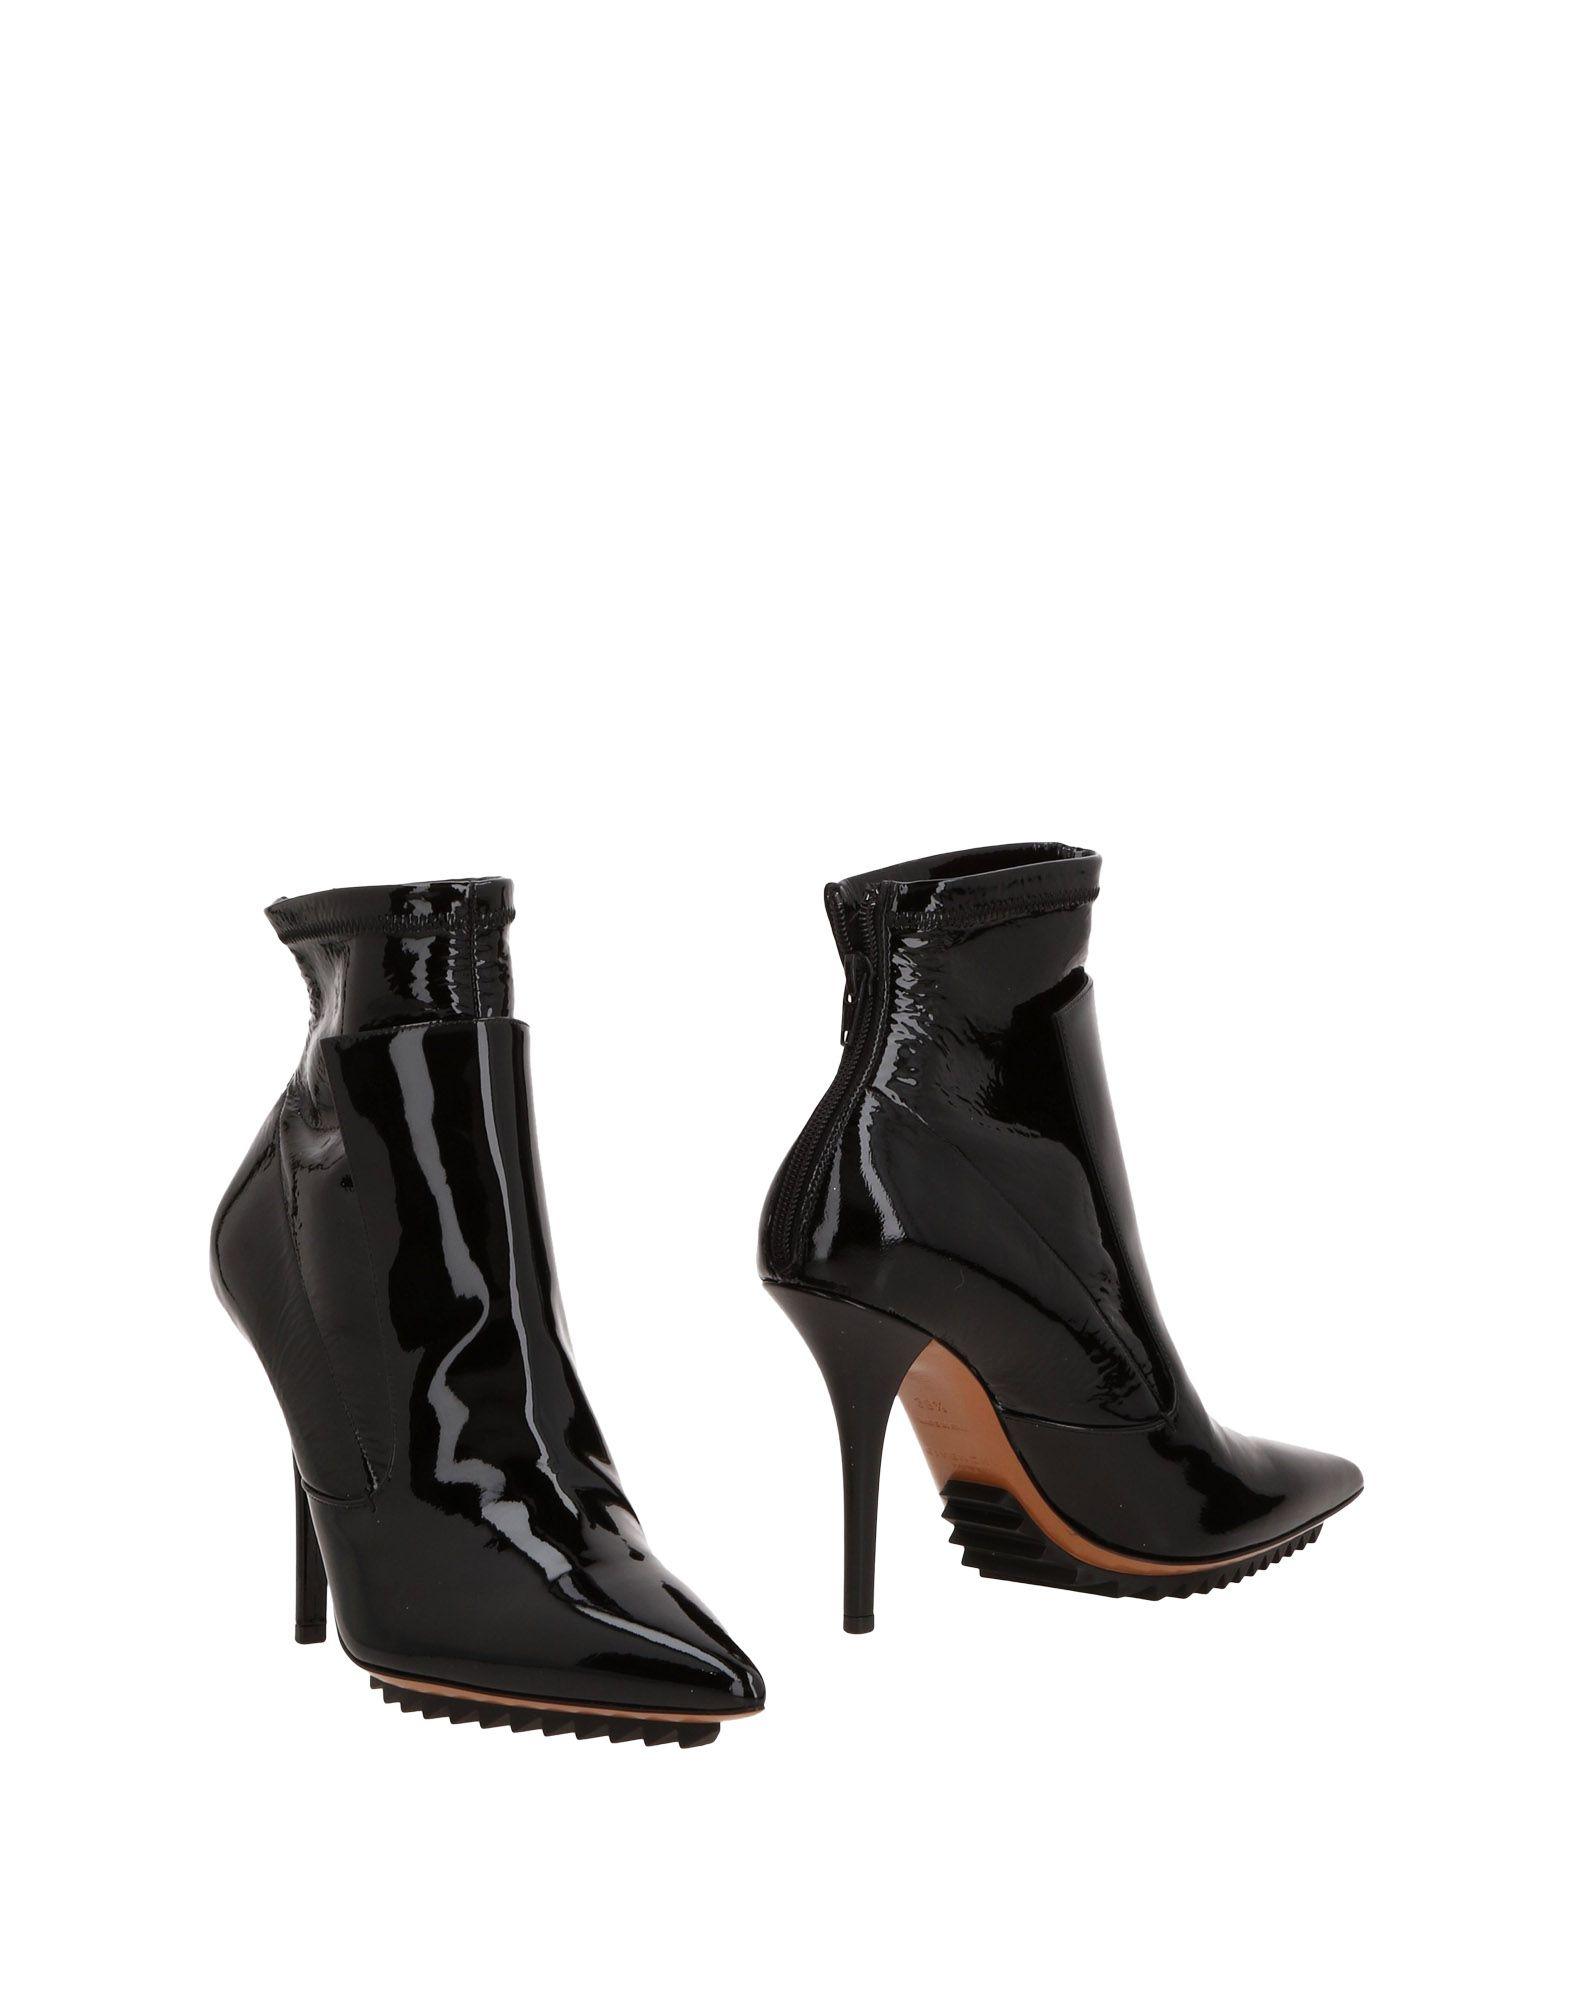 Givenchy Stiefelette Damen 11482015TMGünstige gut aussehende Schuhe